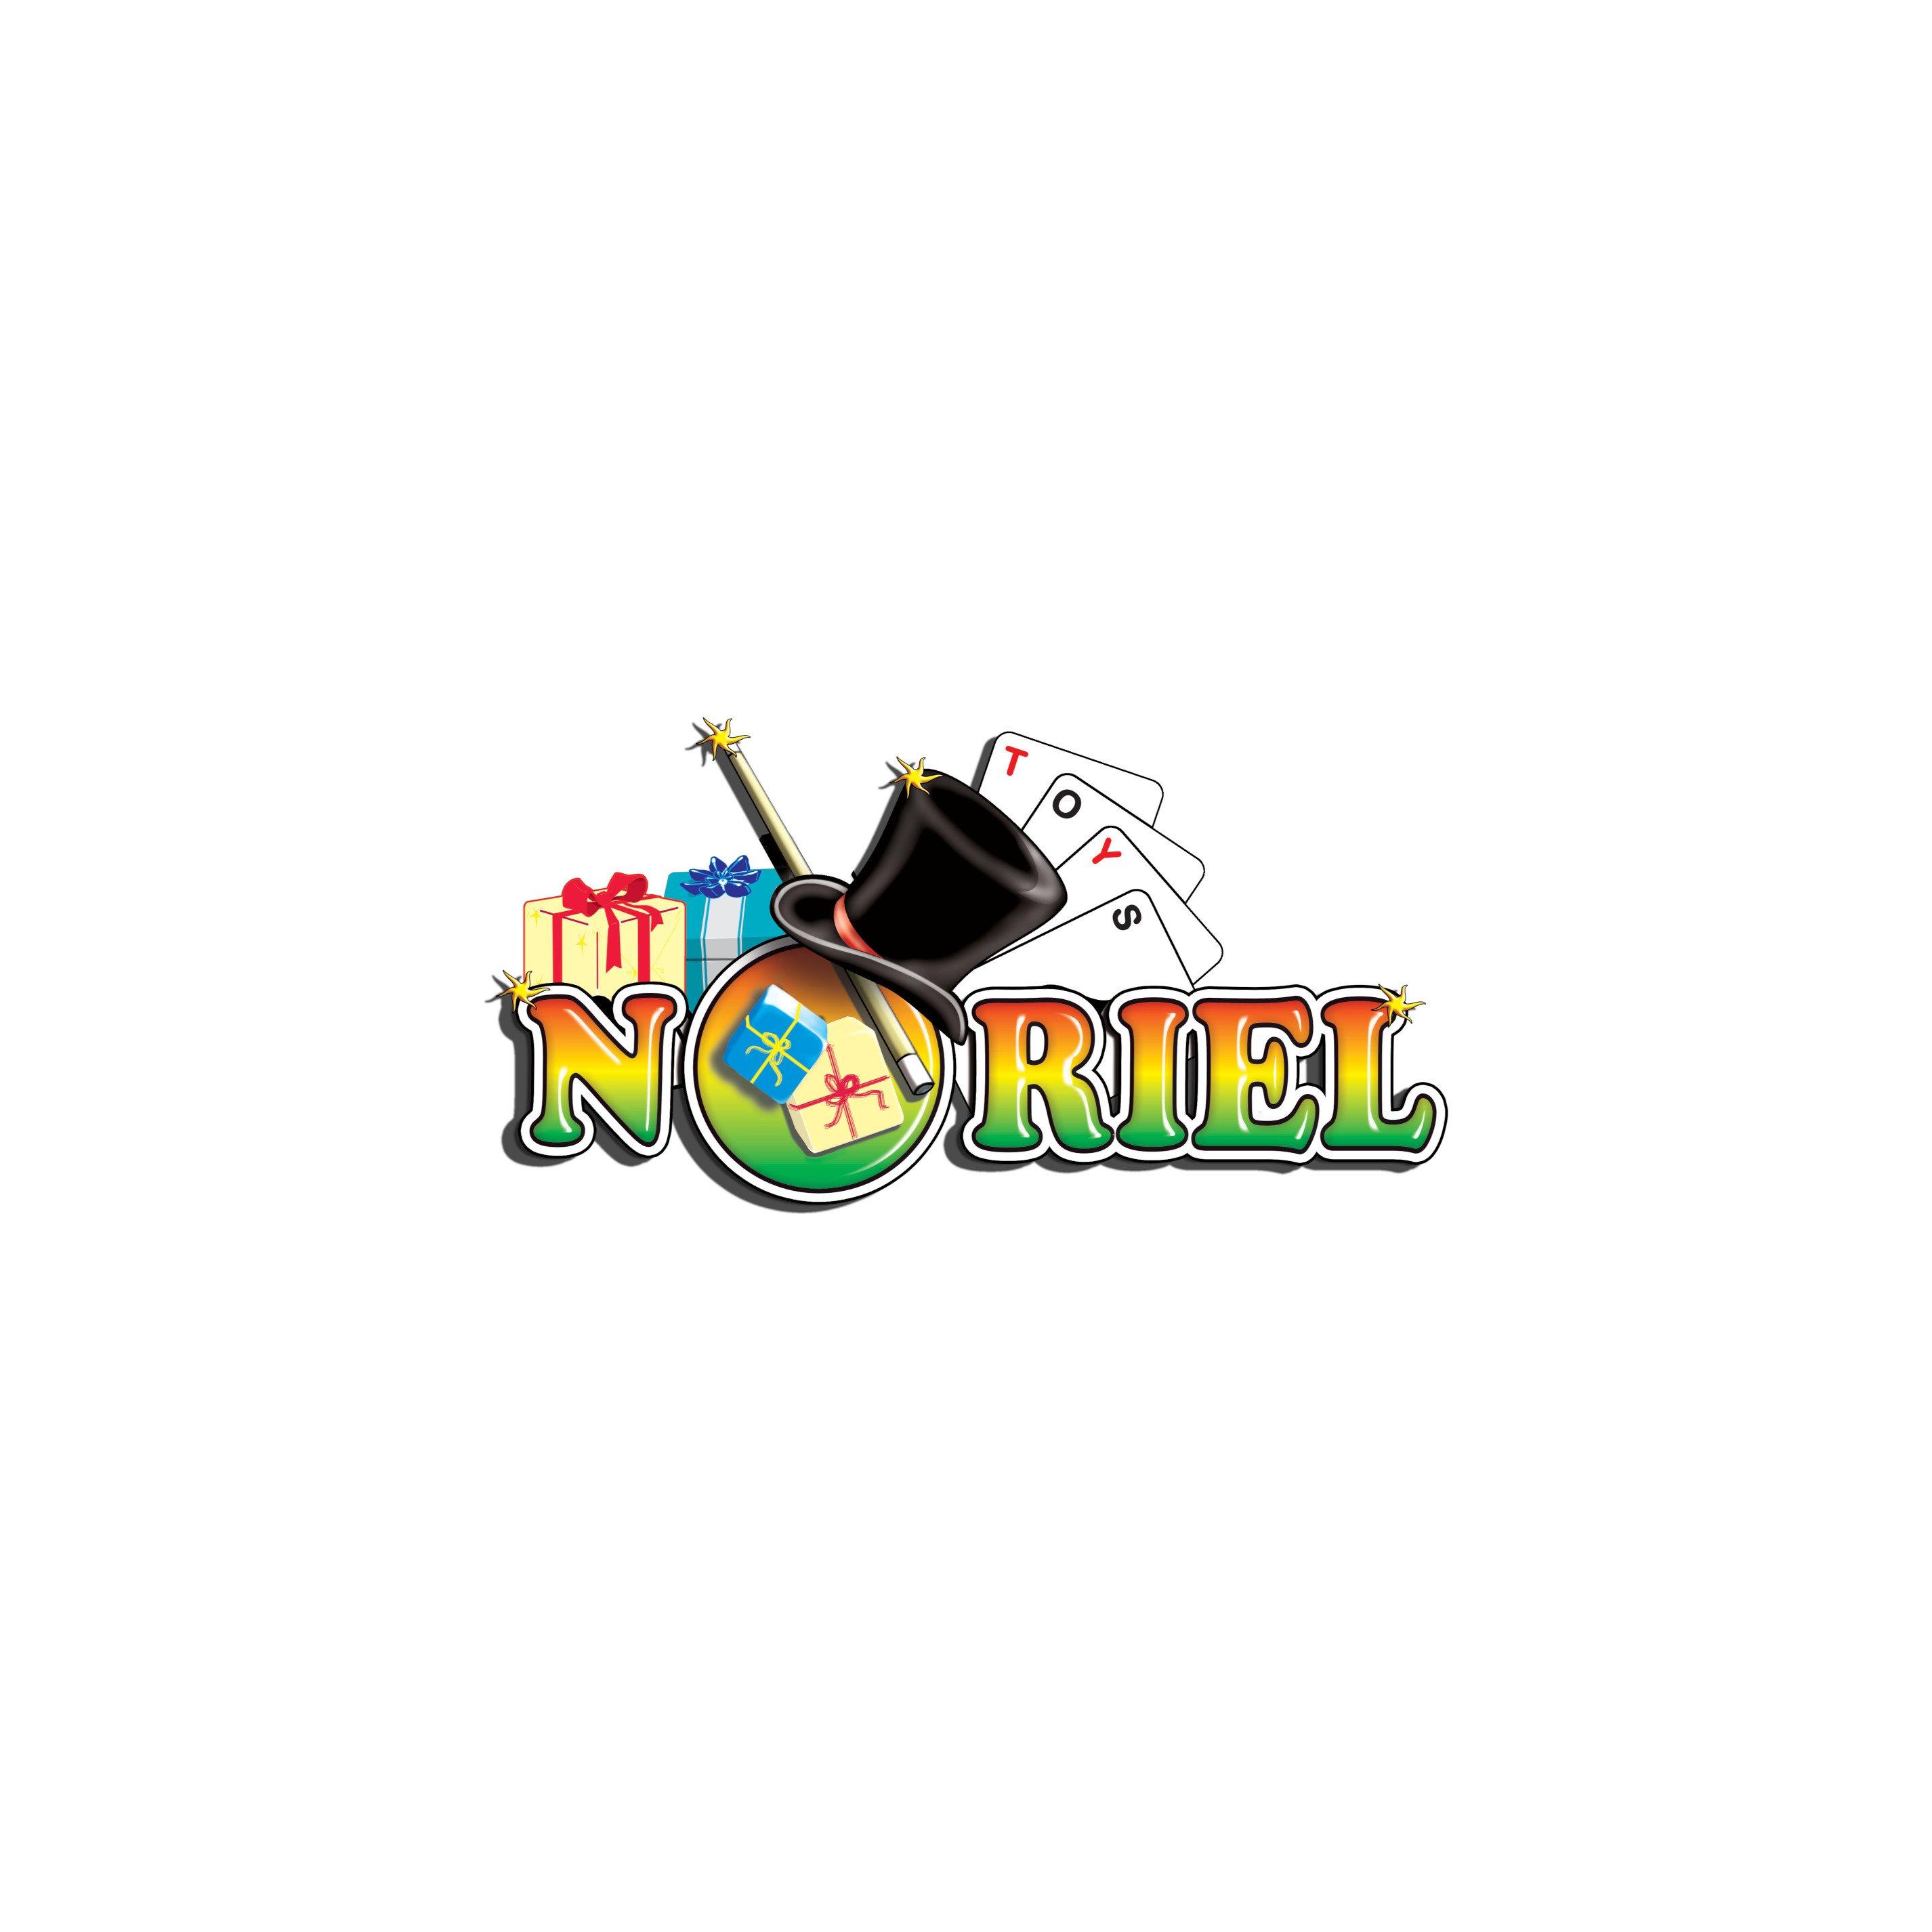 Carte pentru copii - Baietelul cu aripa de future